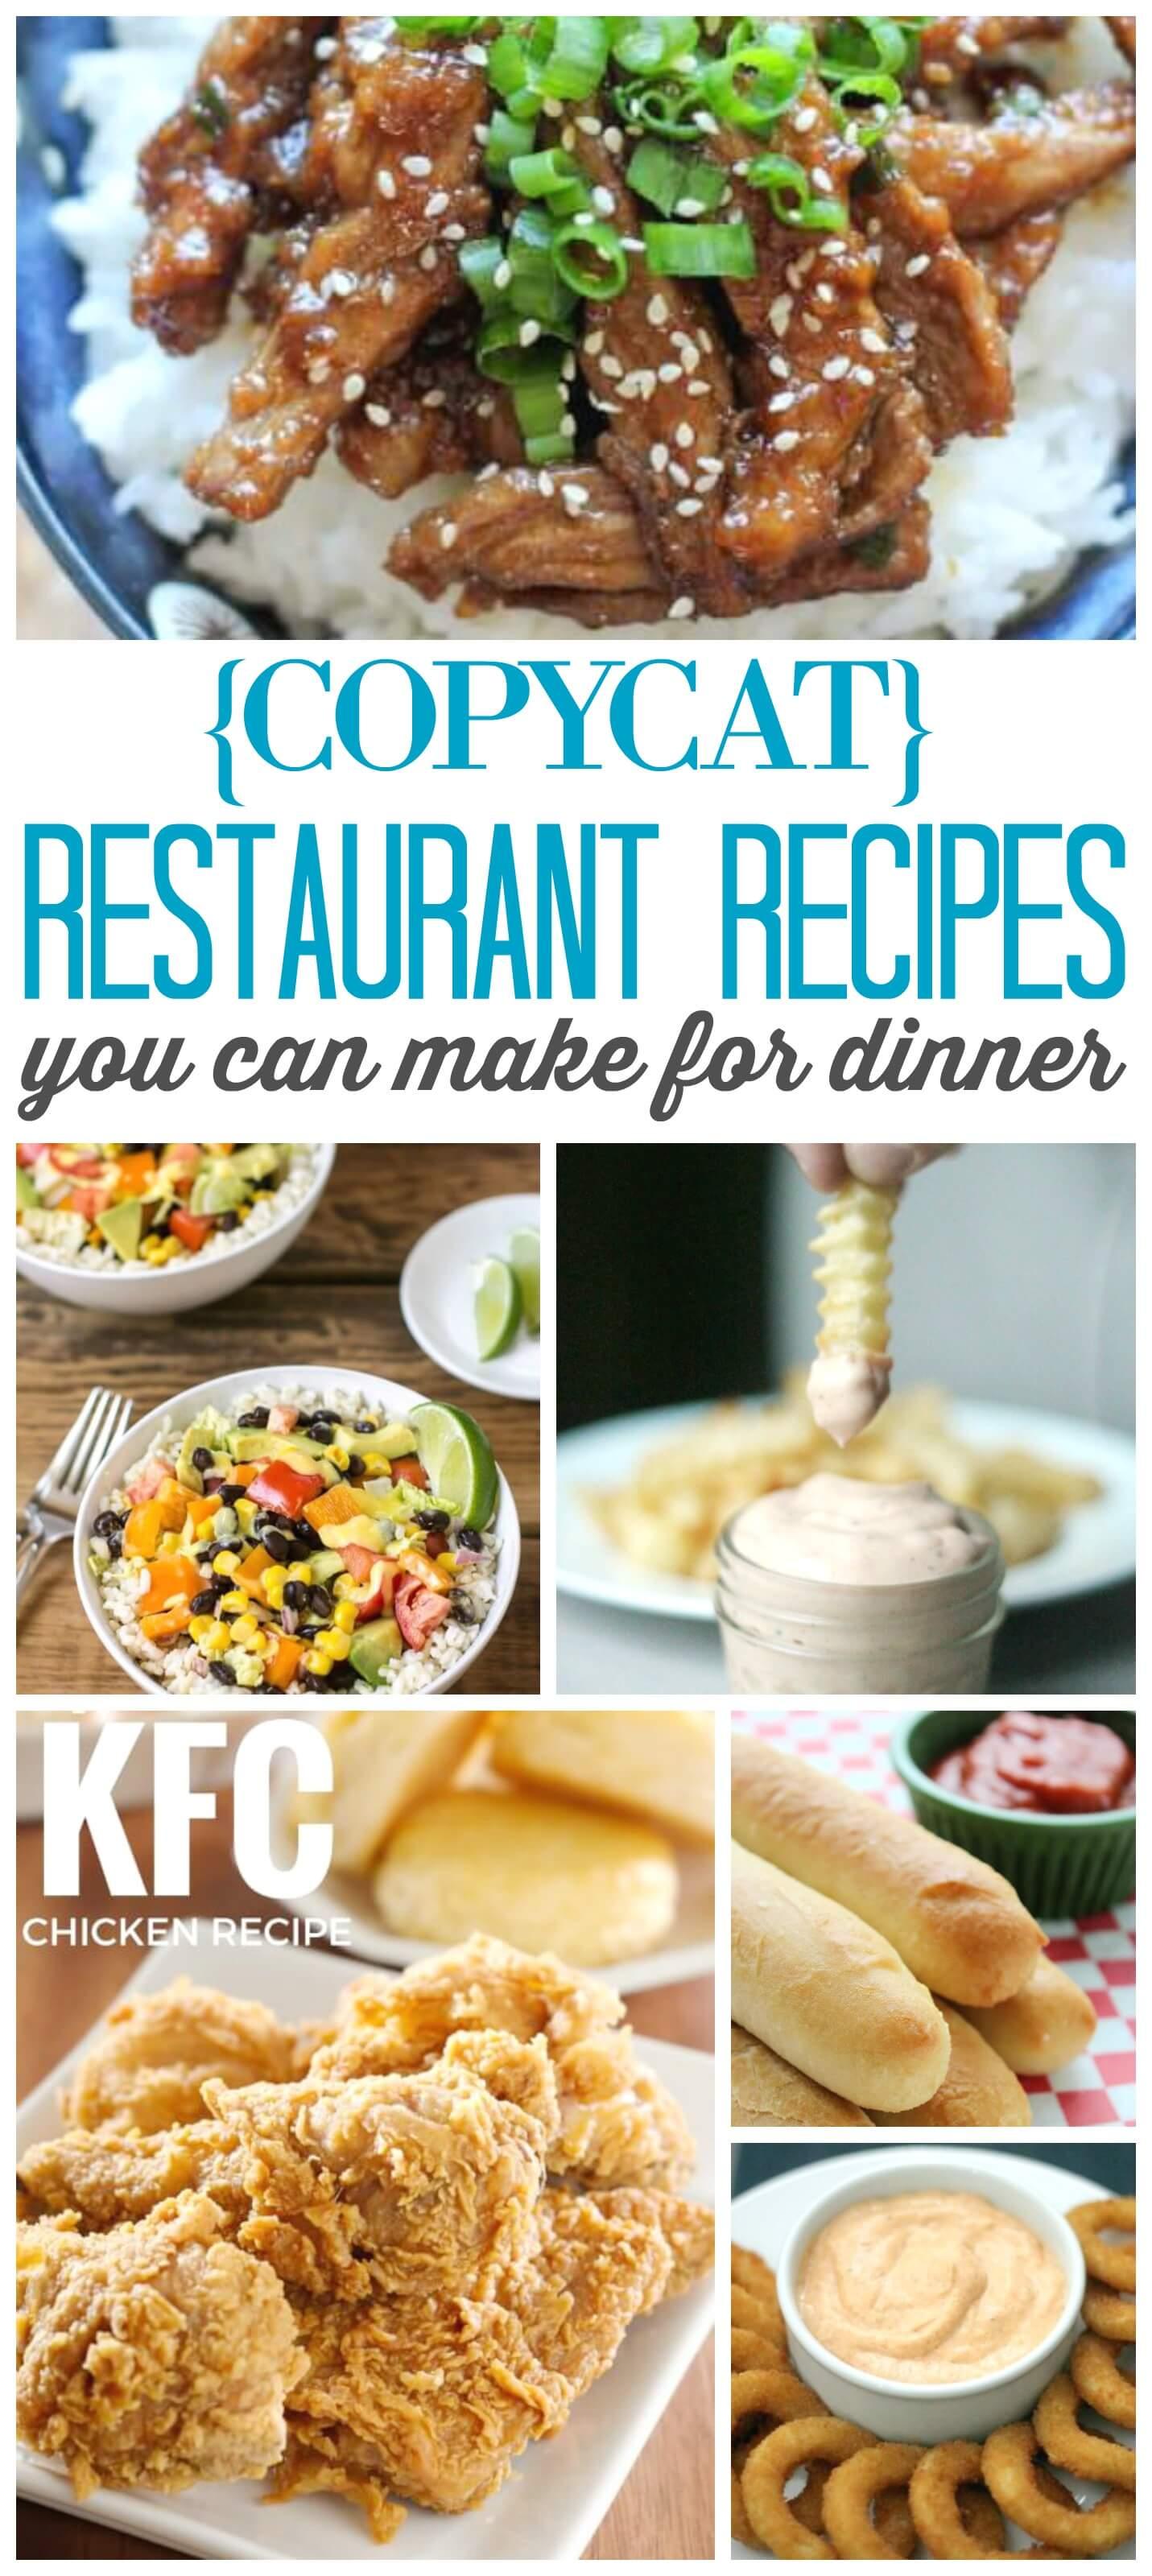 Restaurant copycat recipes for dinner